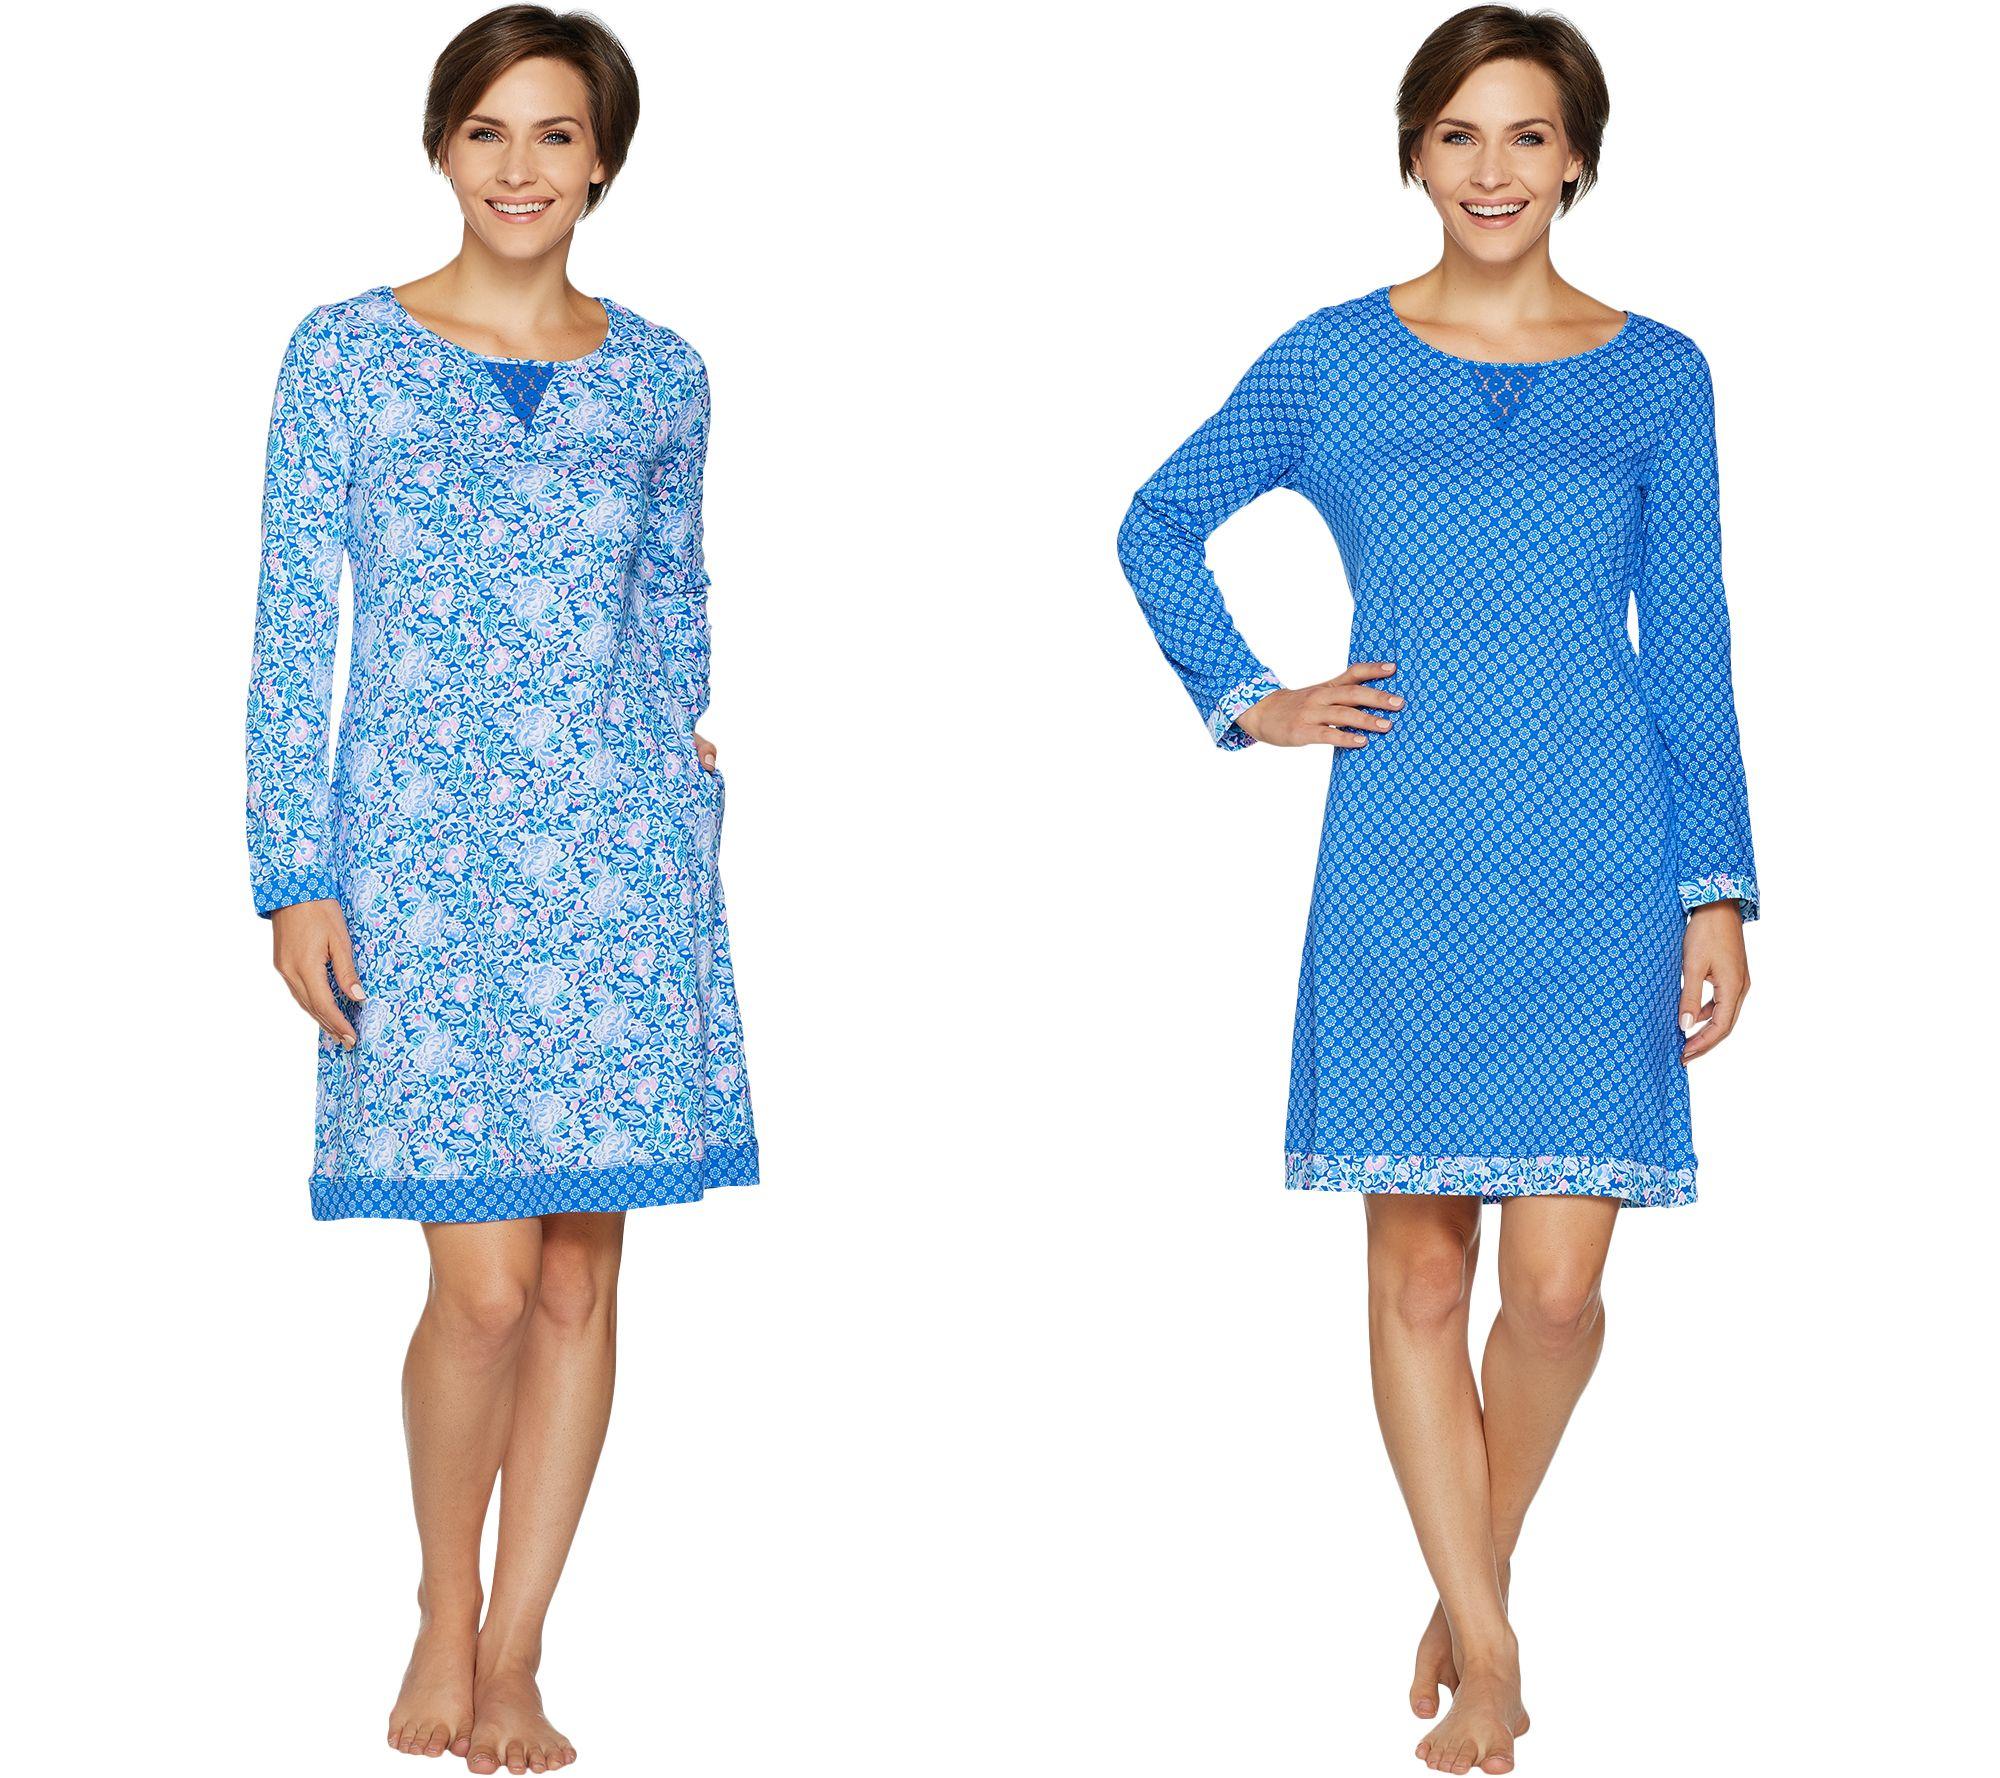 Carole Hochman — Nightgowns — Sleepwear & Loungewear — Fashion — QVC.com